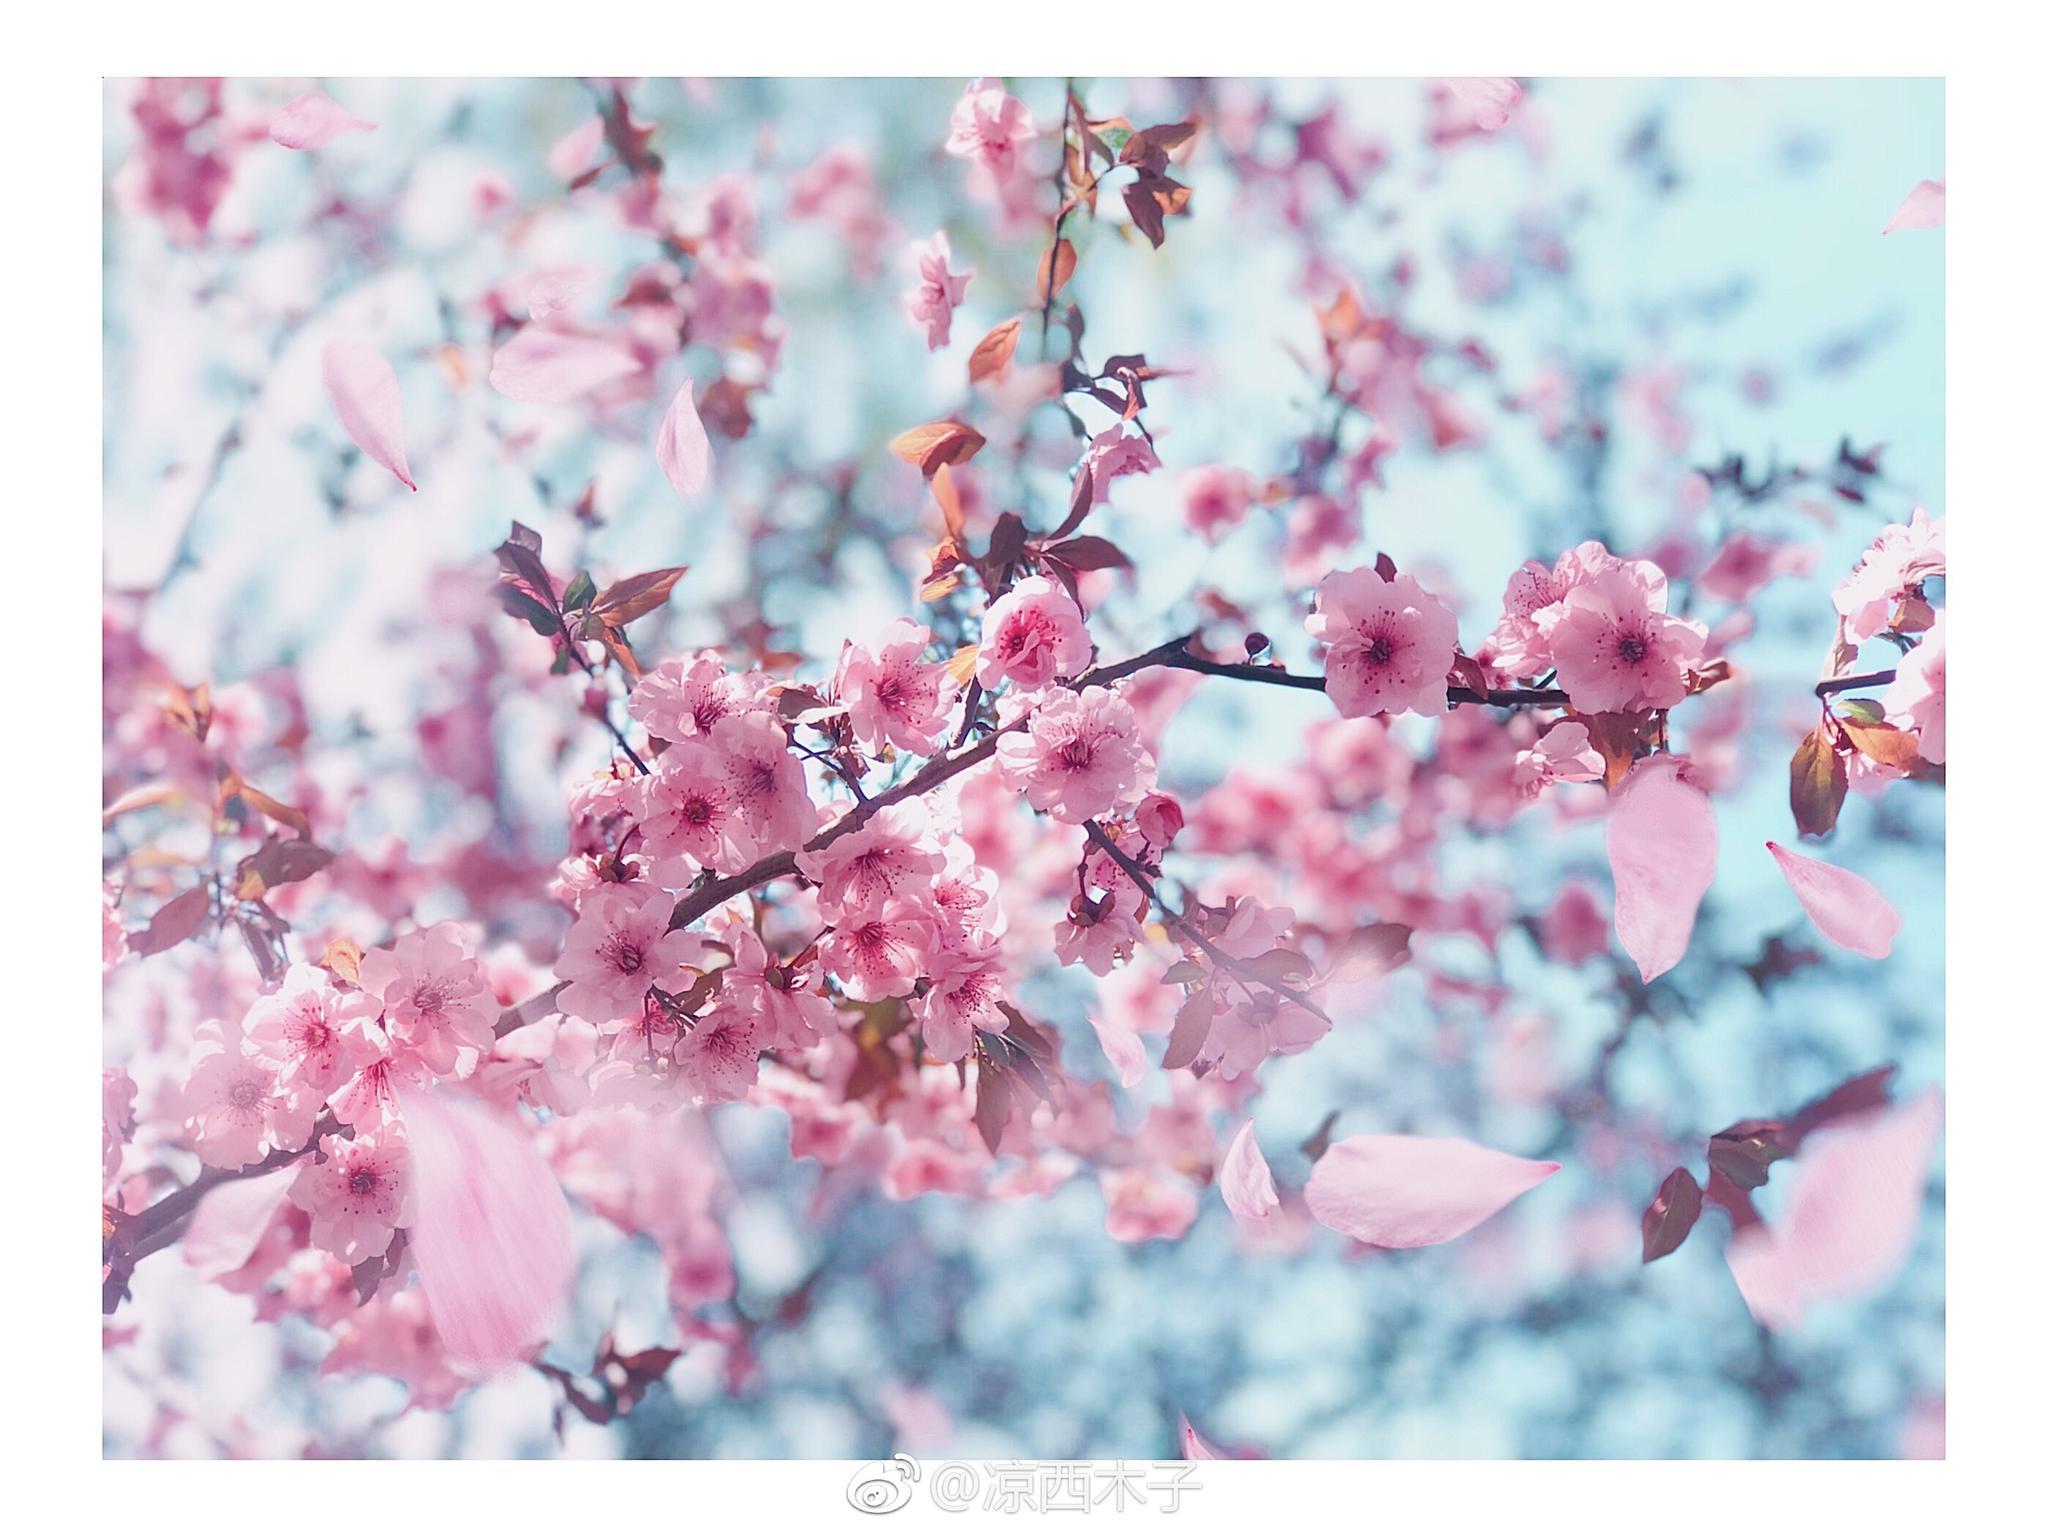 樱花花瓣飘落的速度秒速是五厘米